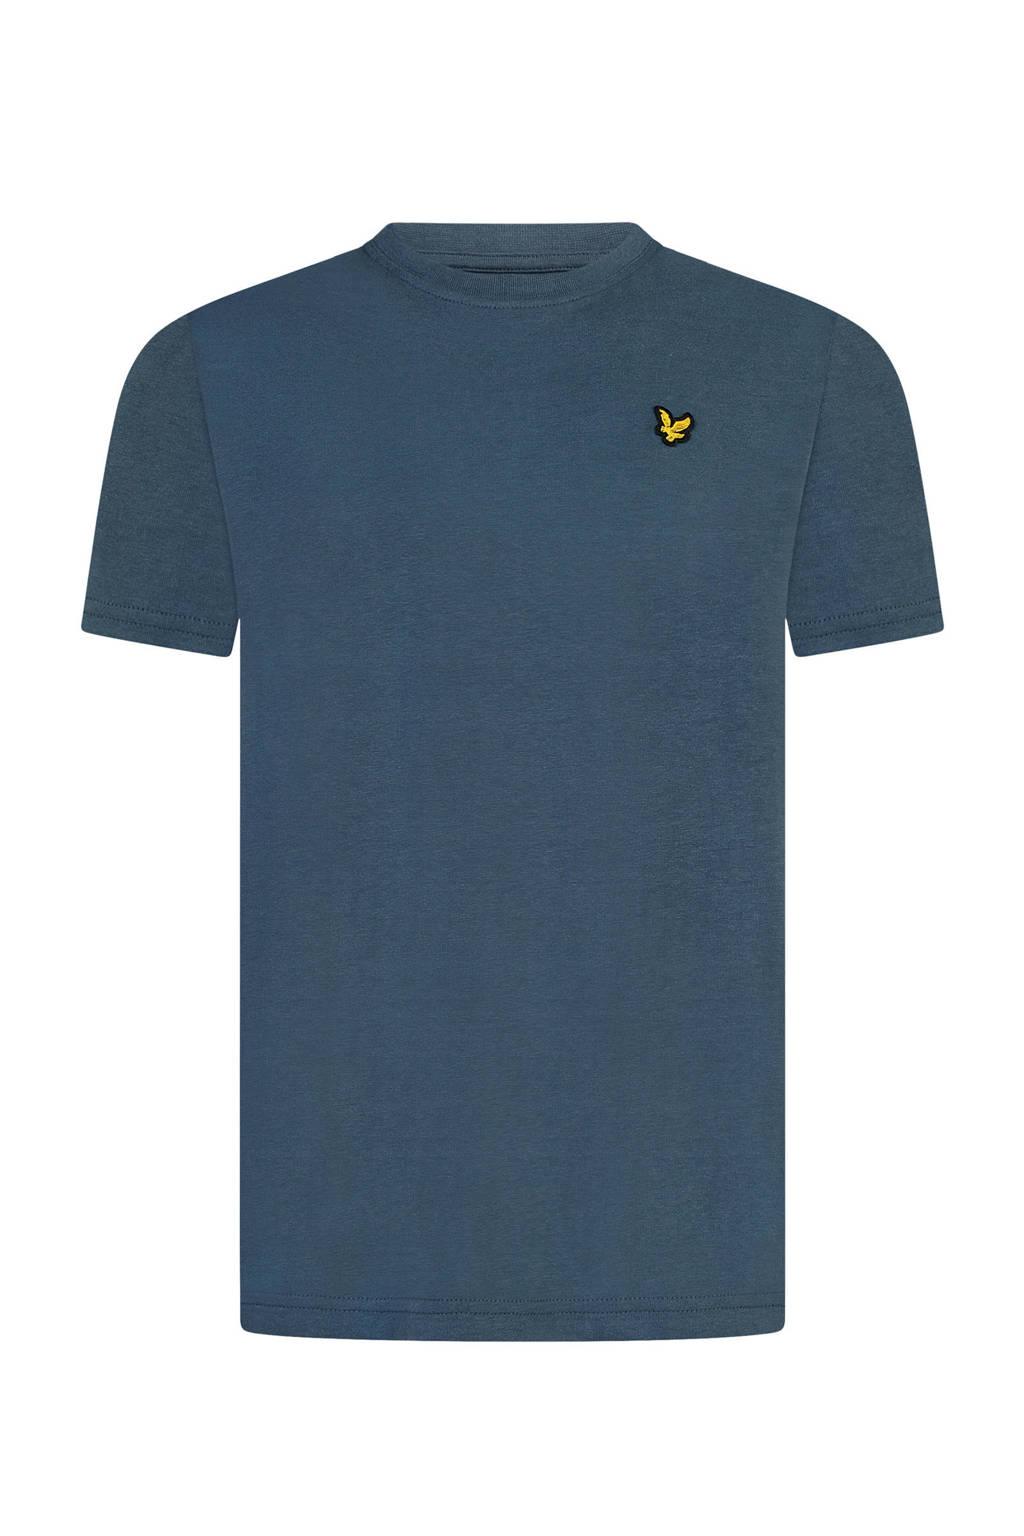 Lyle & Scott T-shirt donkerblauw, Donkerblauw